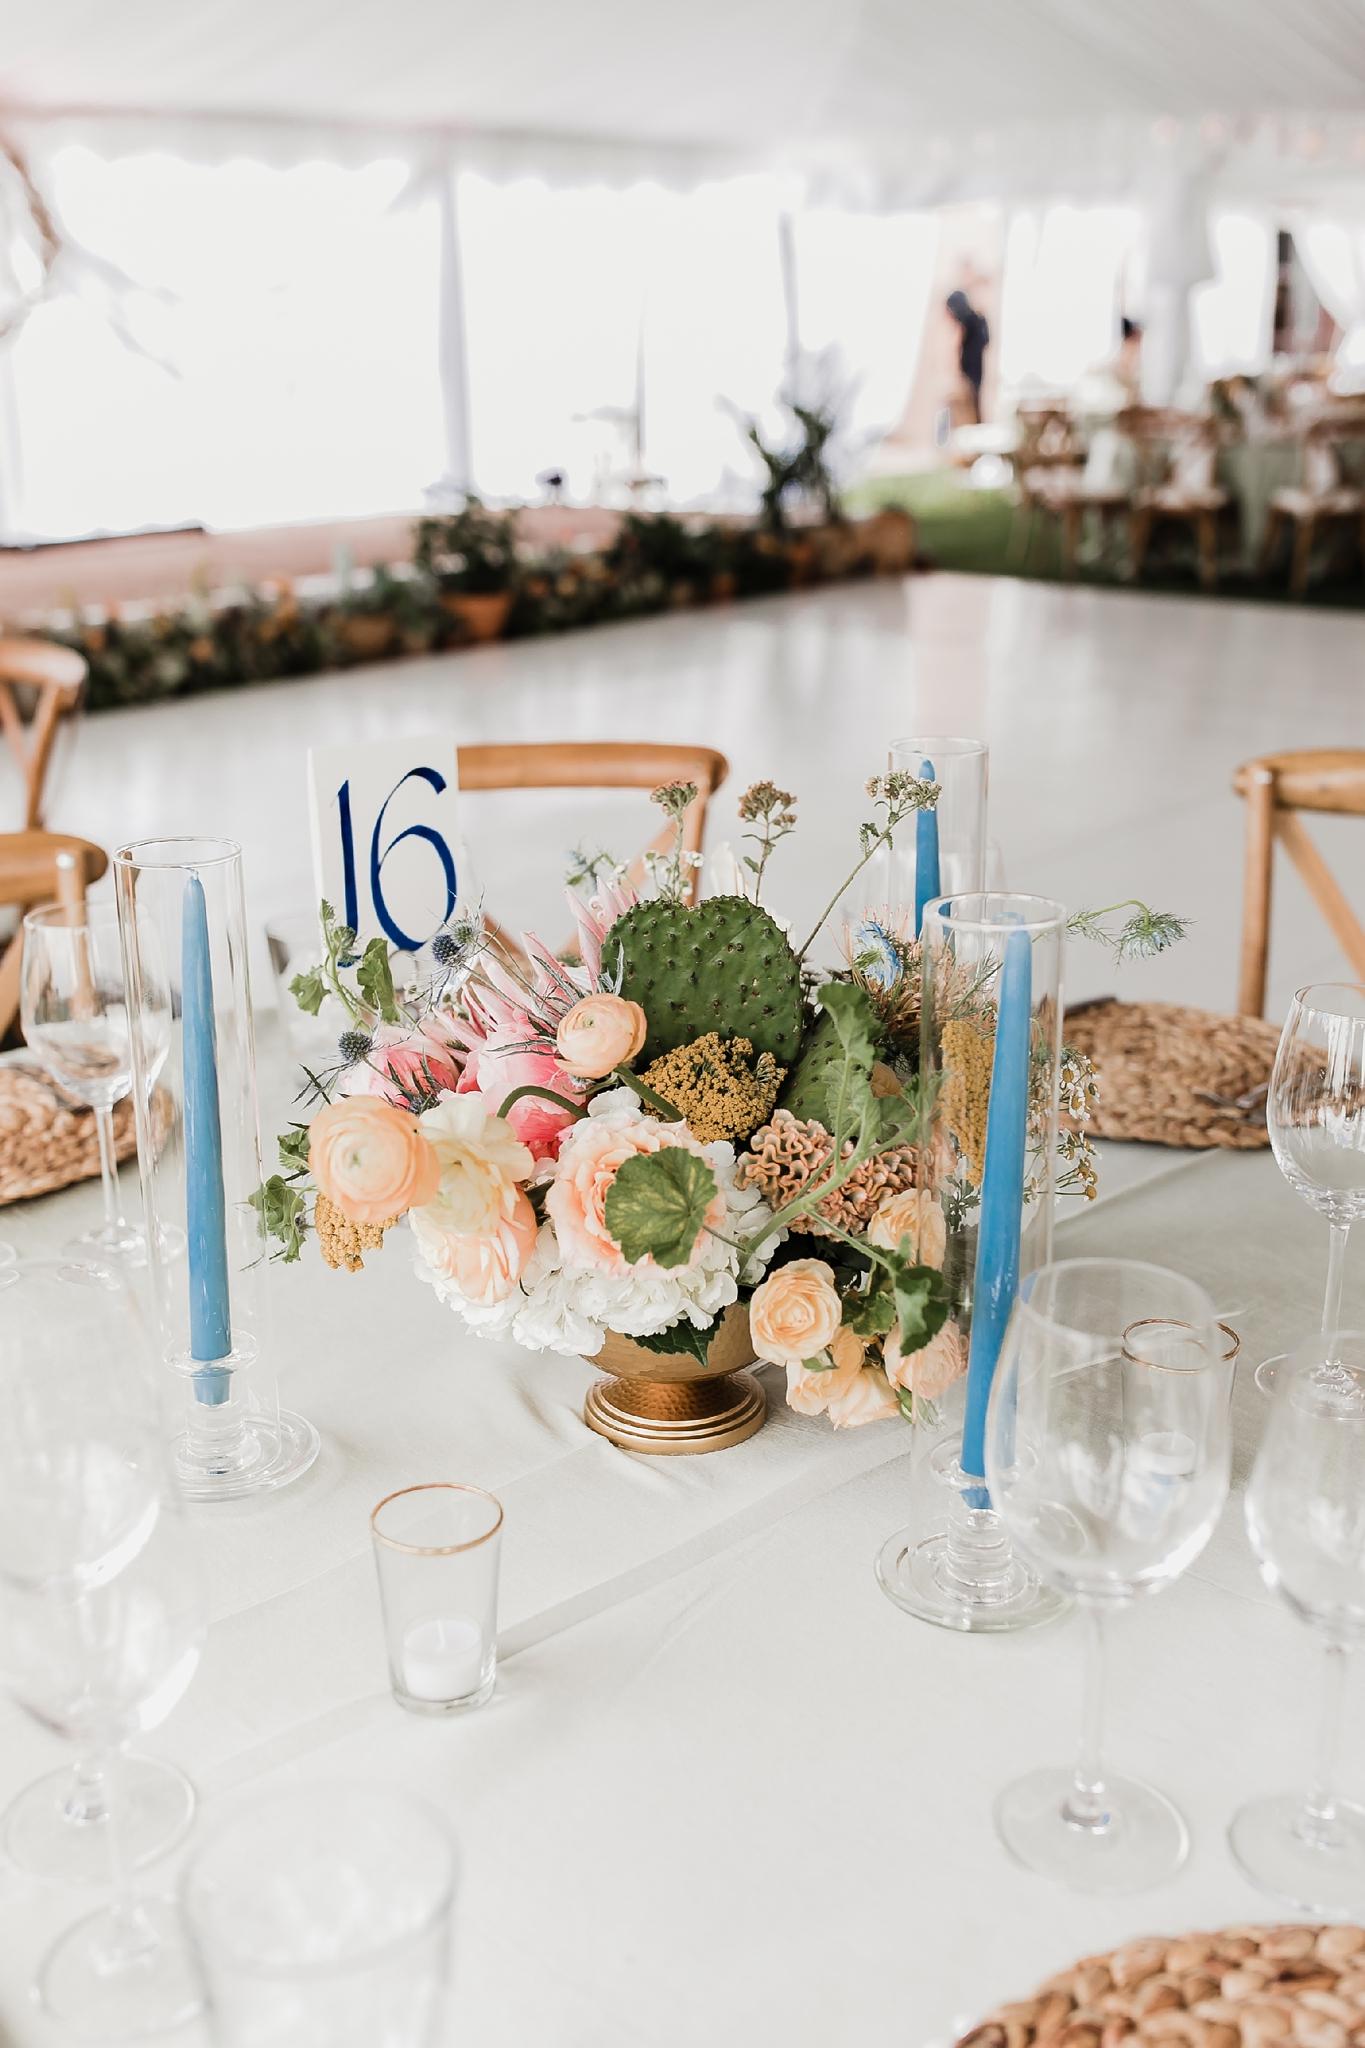 Alicia+lucia+photography+-+albuquerque+wedding+photographer+-+santa+fe+wedding+photography+-+new+mexico+wedding+photographer+-+new+mexico+wedding+-+las+campanas+wedding+-+santa+fe+wedding+-+maximalist+wedding+-+destination+wedding_0124.jpg